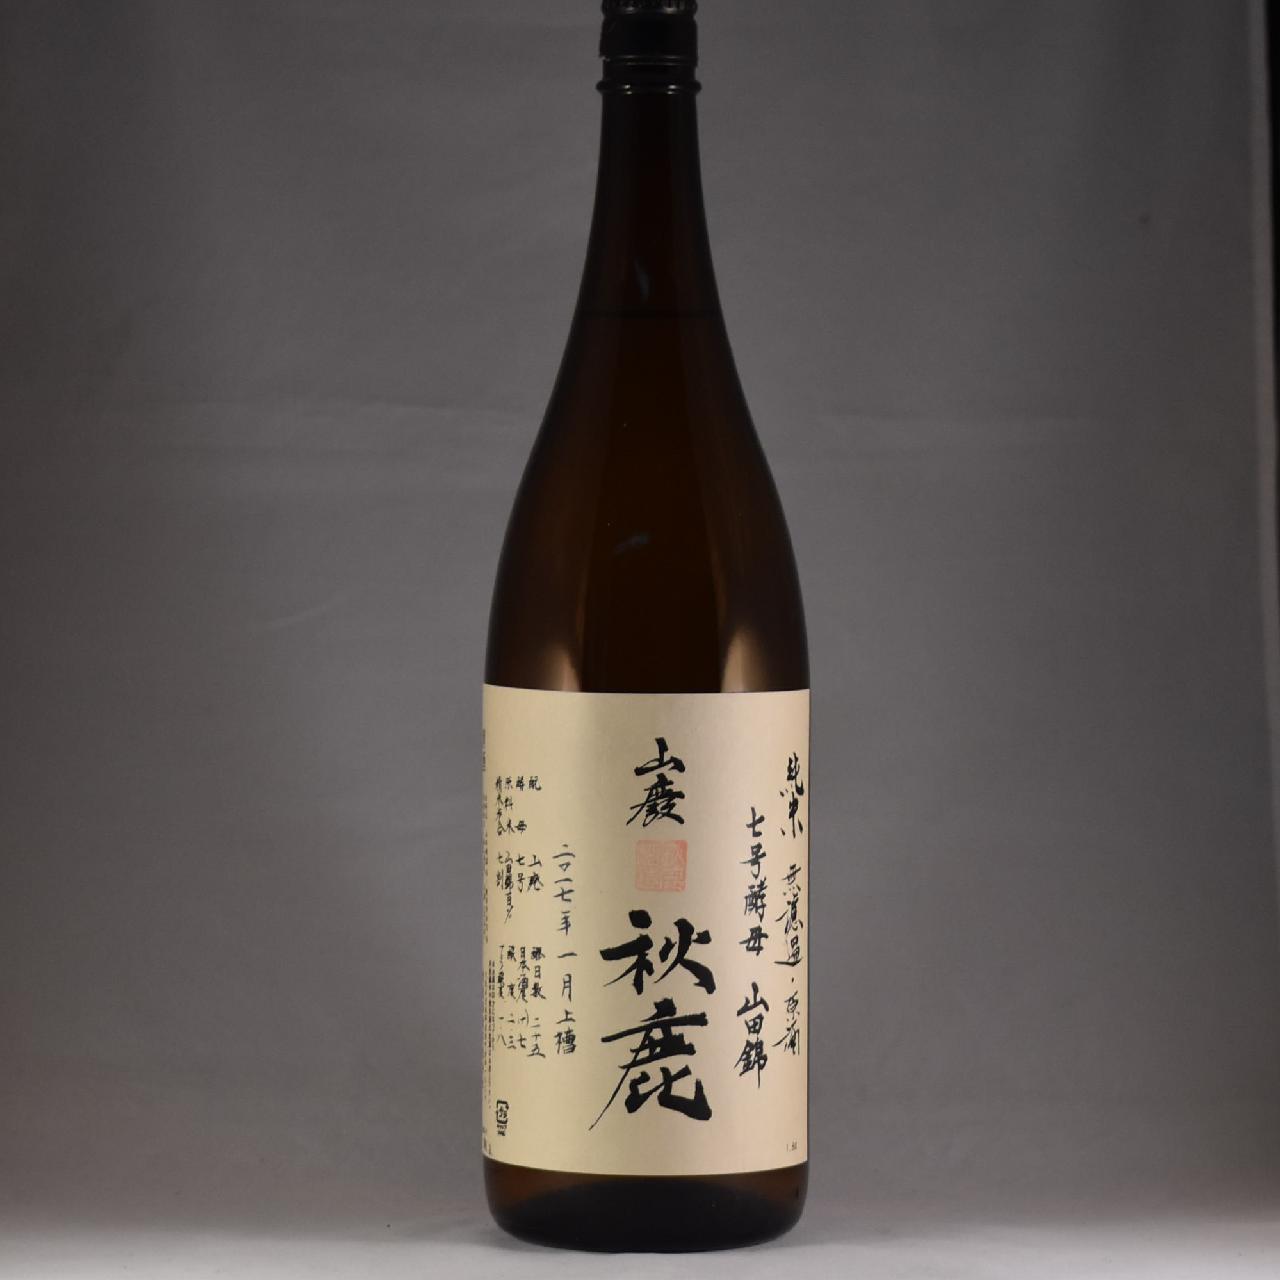 秋鹿 純米 山廃 山田 無濾過原酒 1.8L